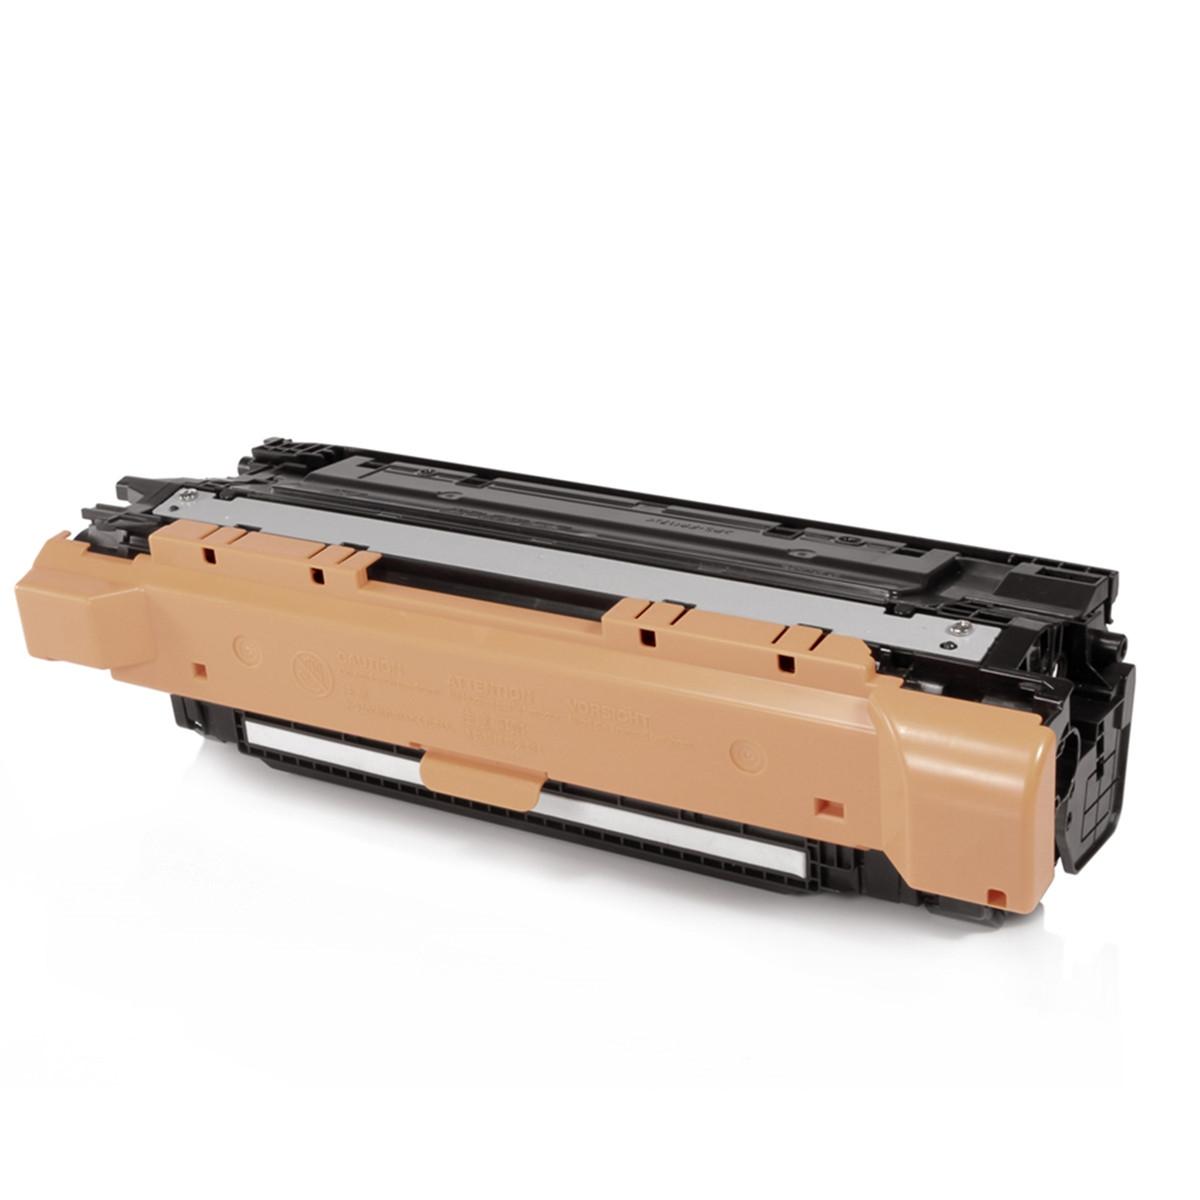 Toner Compatível com HP CE252A CE402A Amarelo | CM3530 CP3525 M575 M570 M551 | Importado 7k